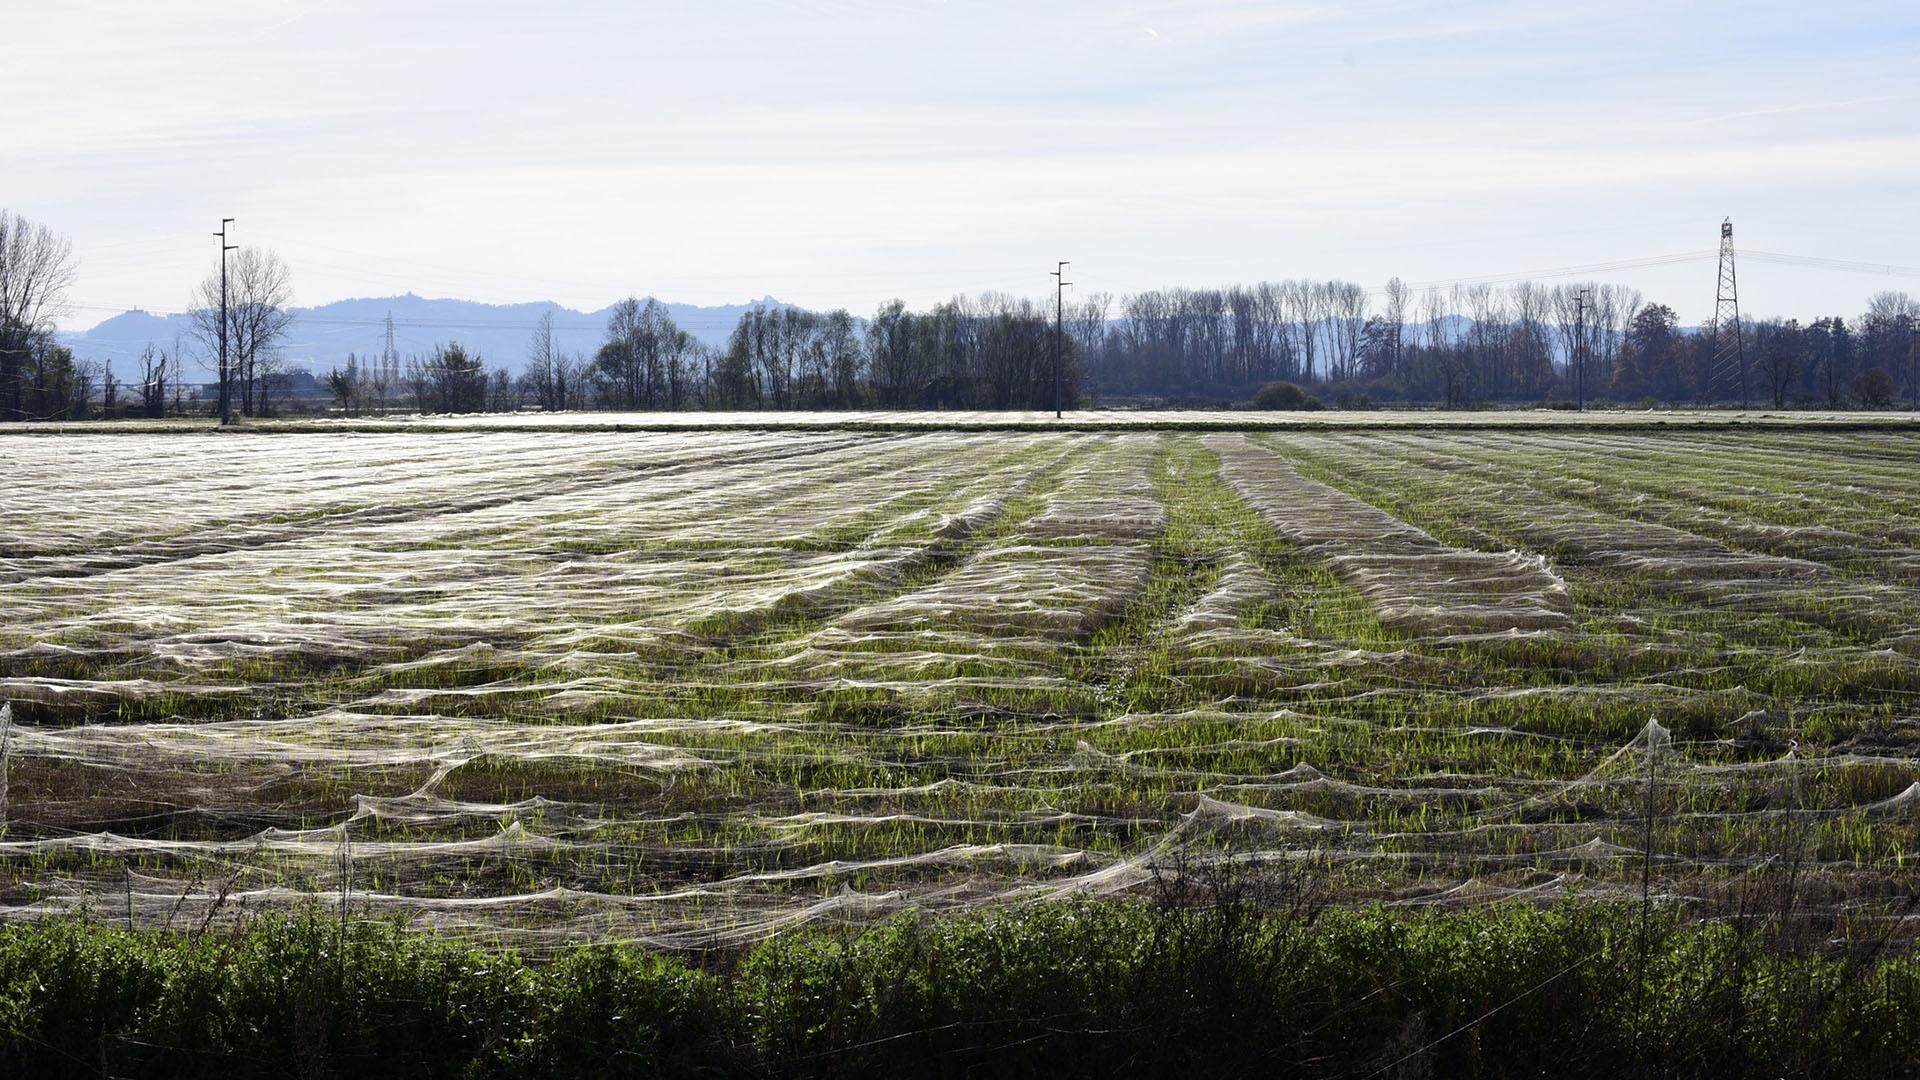 Il mistero dei filamenti nei campi